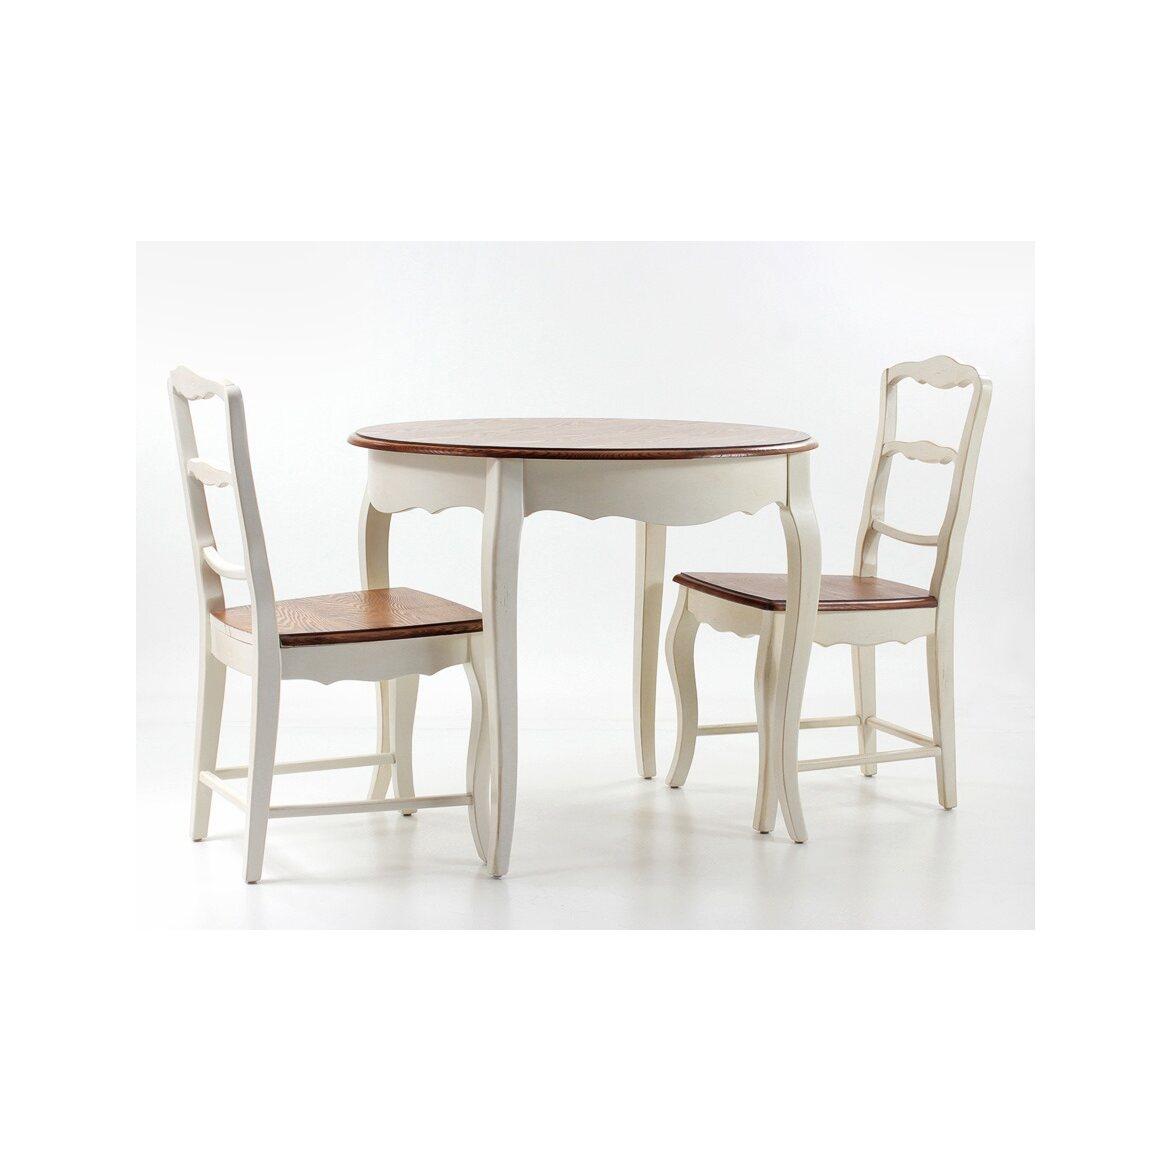 Круглый обеденный стол (большой) Leontina, бежевого цвета 9 | Обеденные столы Kingsby